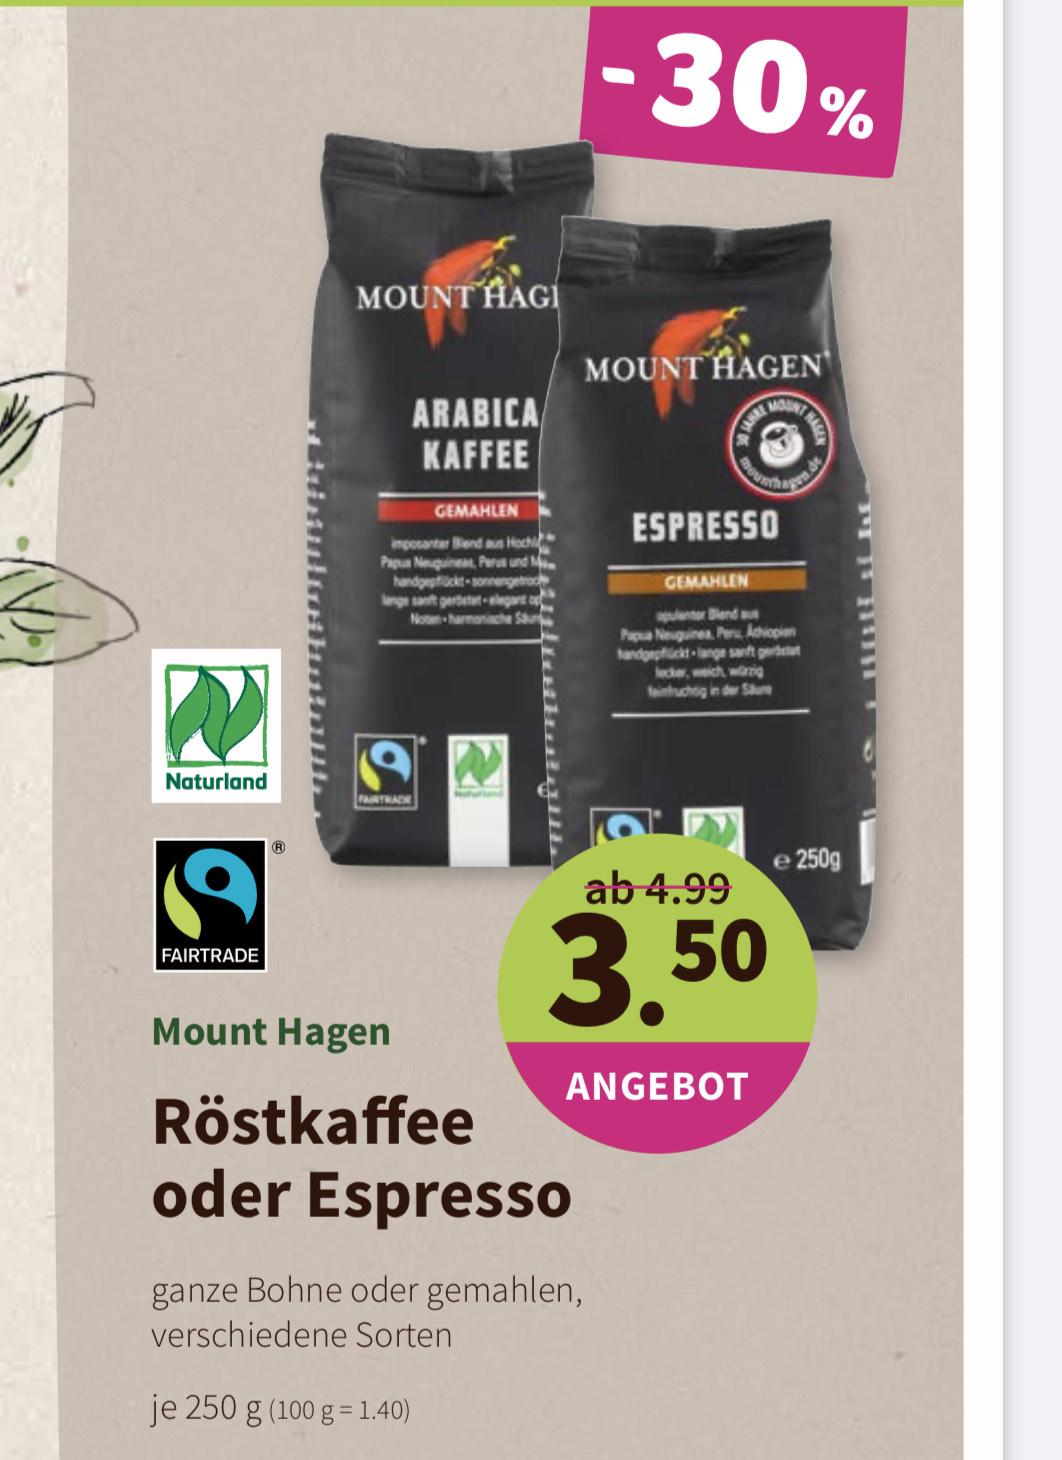 DENNS Biomarkt: Mount Hagen Bio Röstkaffee oder Espresso